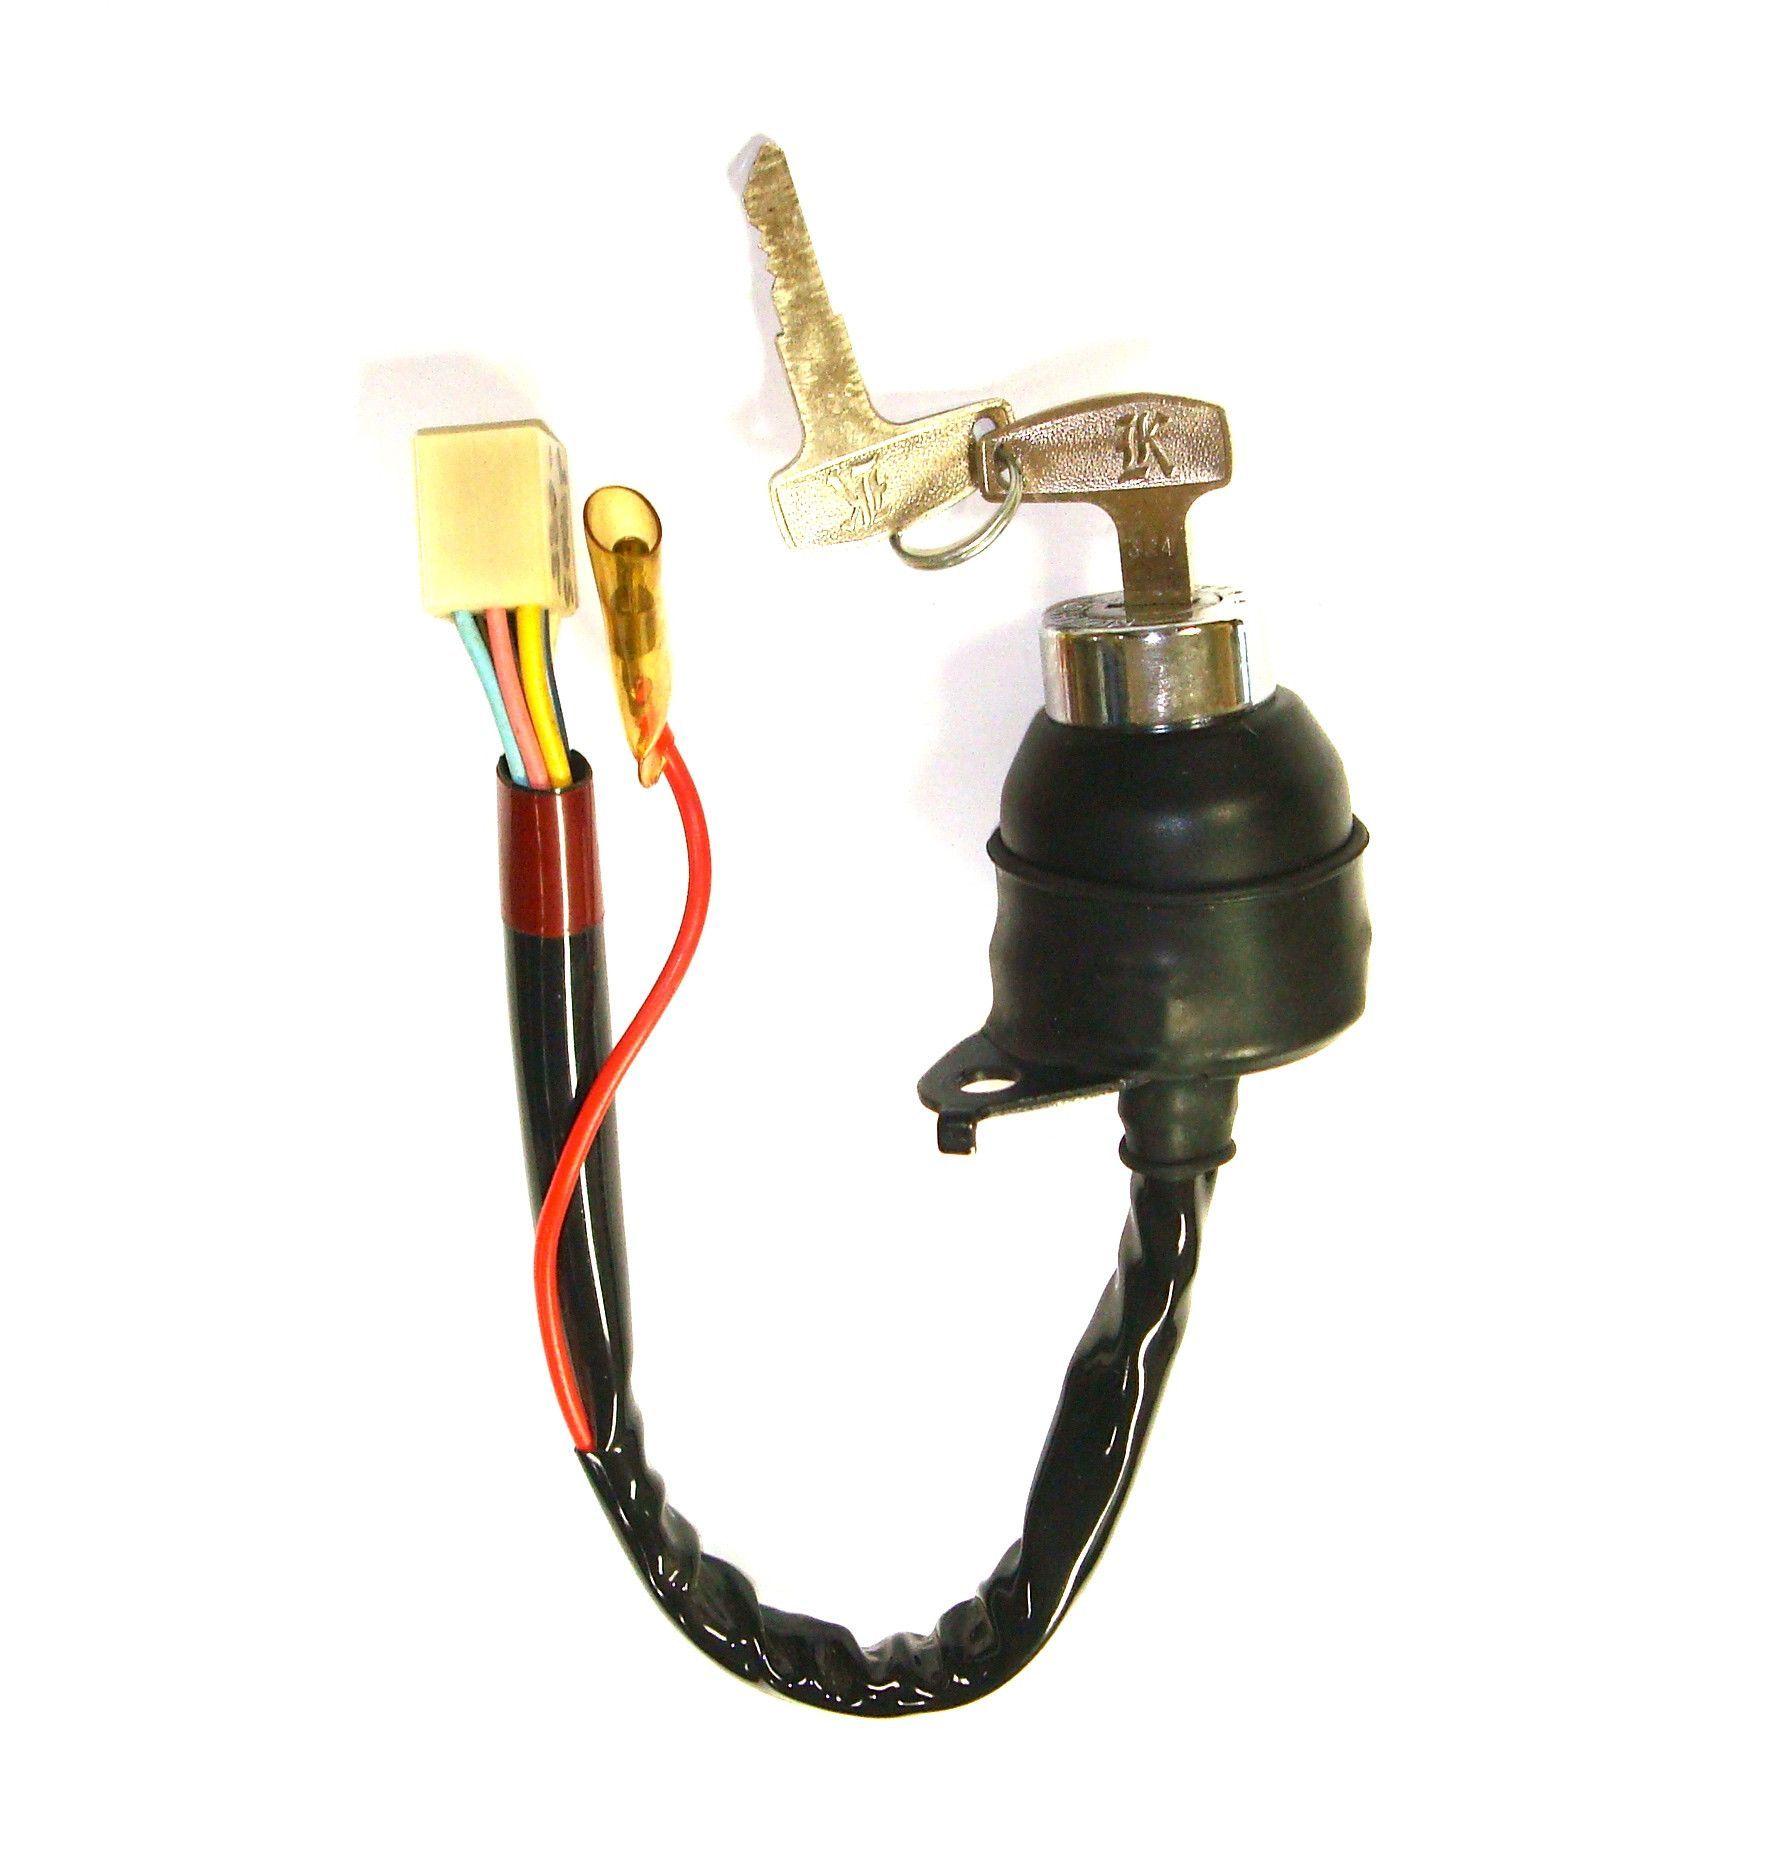 kawasaki 27005-085 kh100 ignition switch w/keys (1976-1977